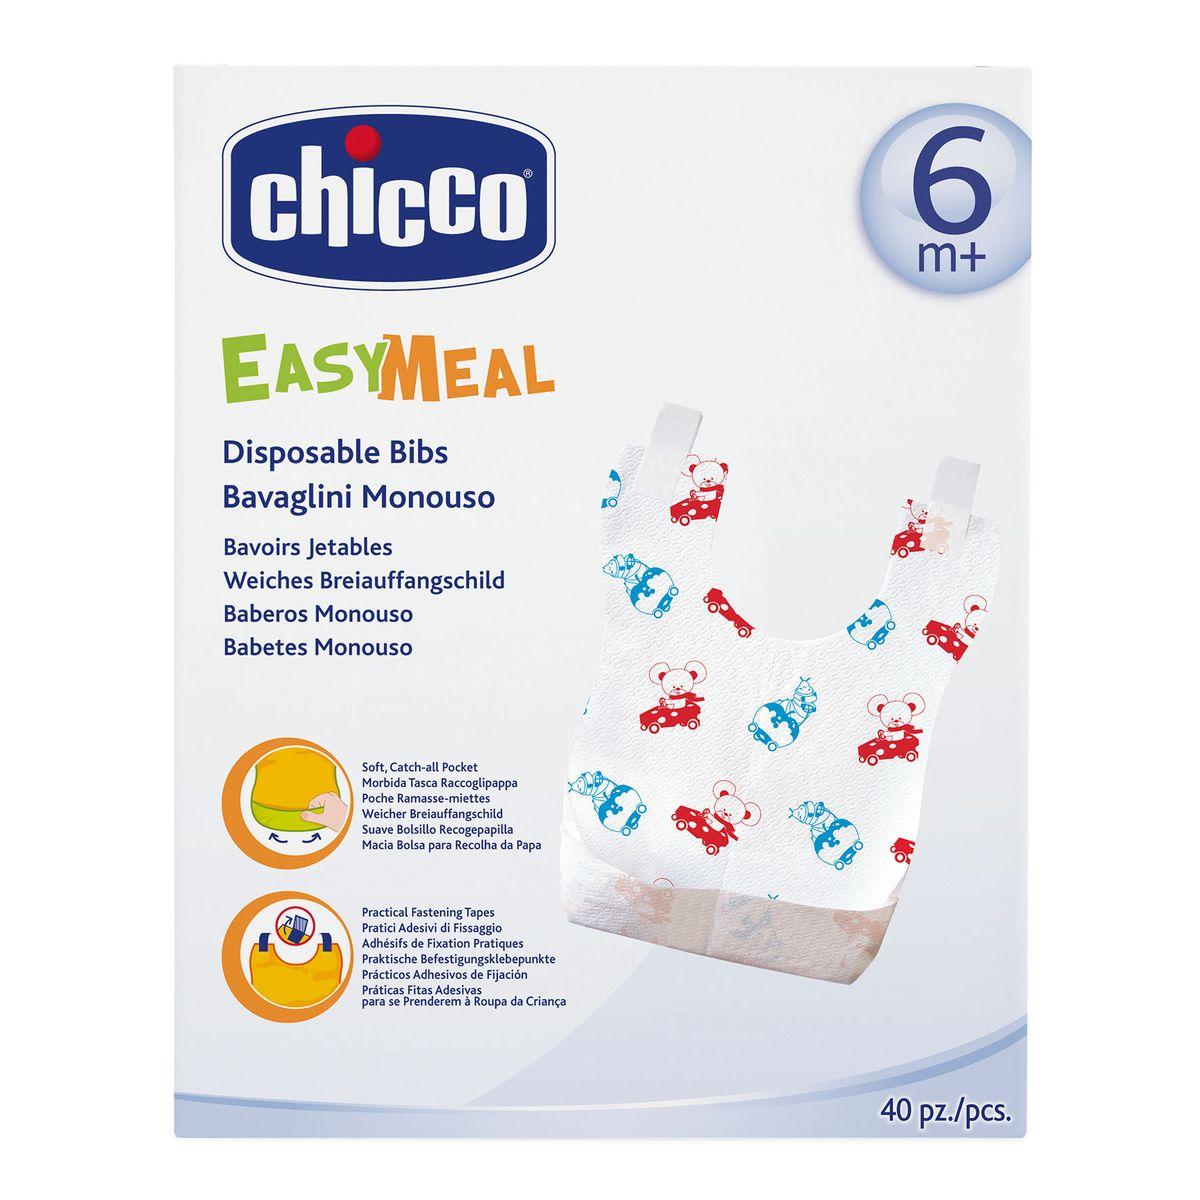 цены на Chicco Нагрудник одноразовый с карманом и липучками 40 шт  в интернет-магазинах